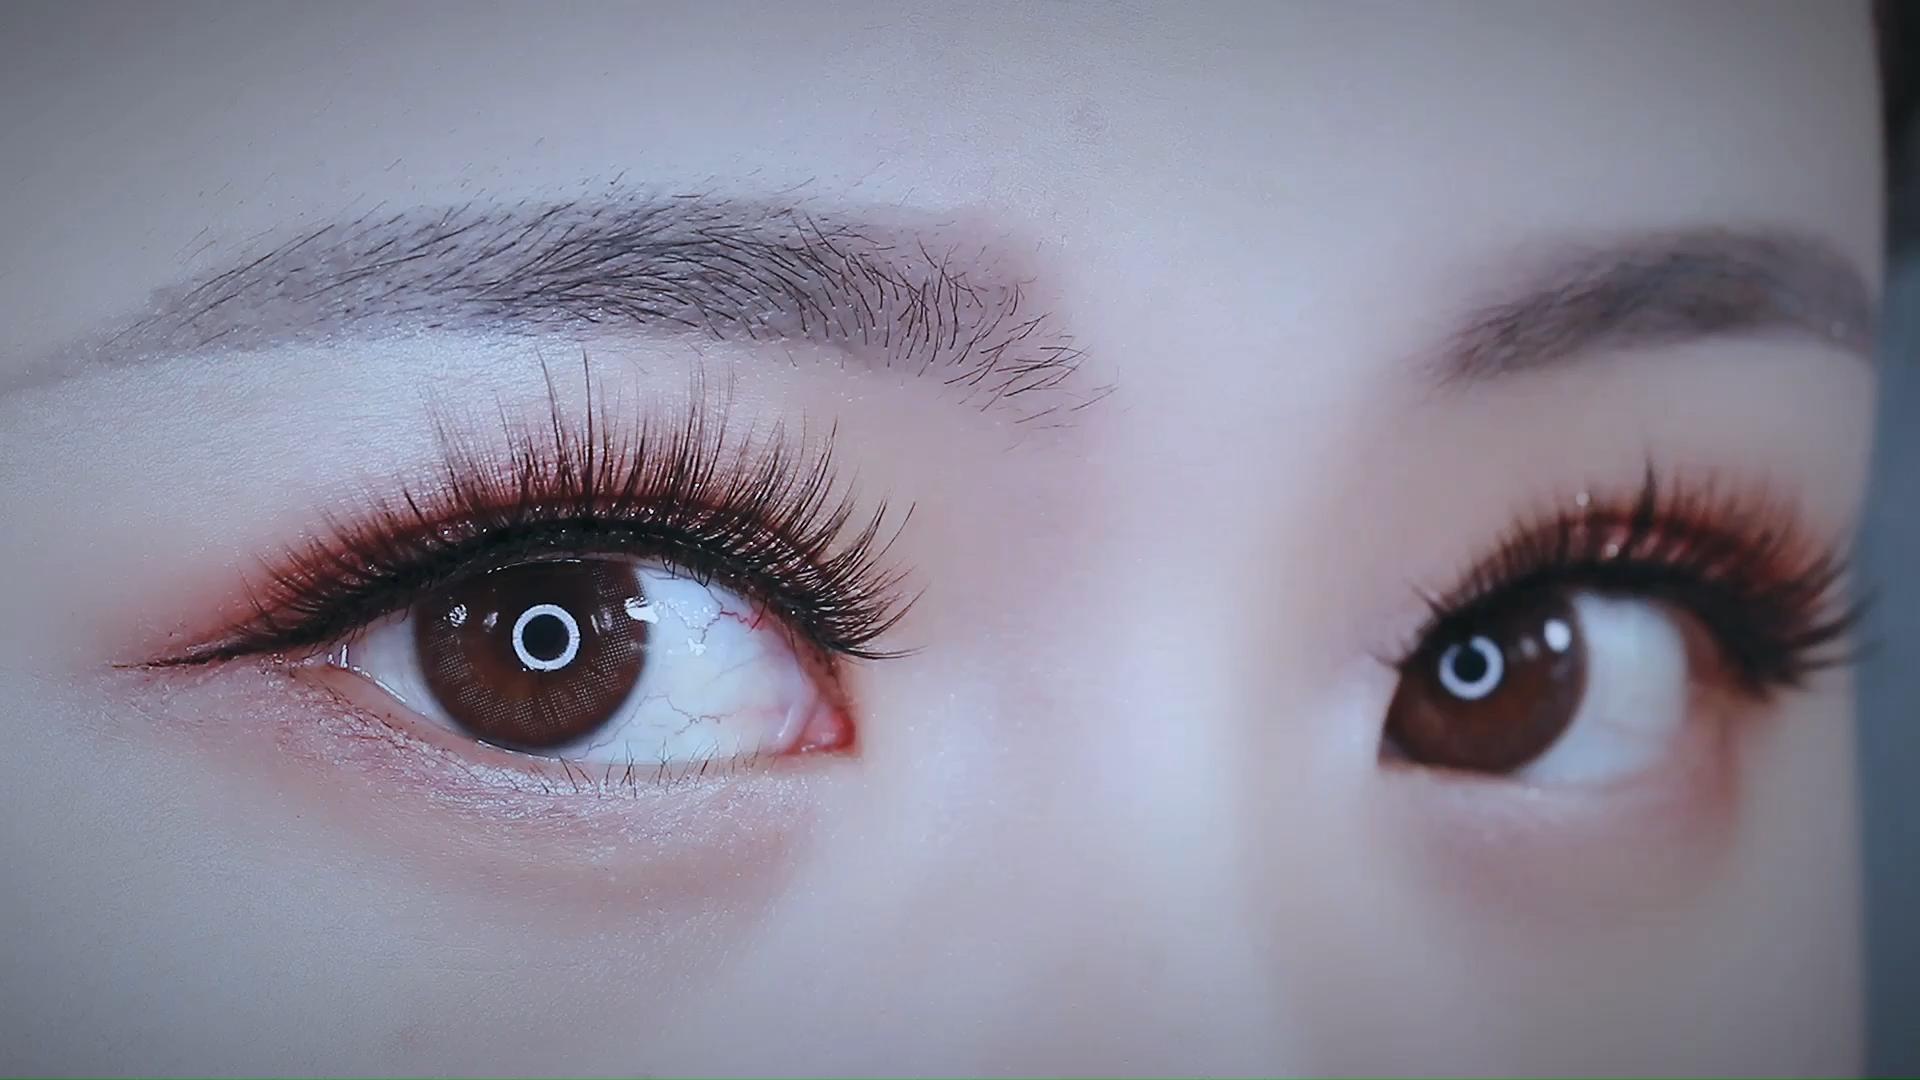 RTS Fast Shipping Eyelash Best Selling Premium 3D Faux Mink False Eyelashes